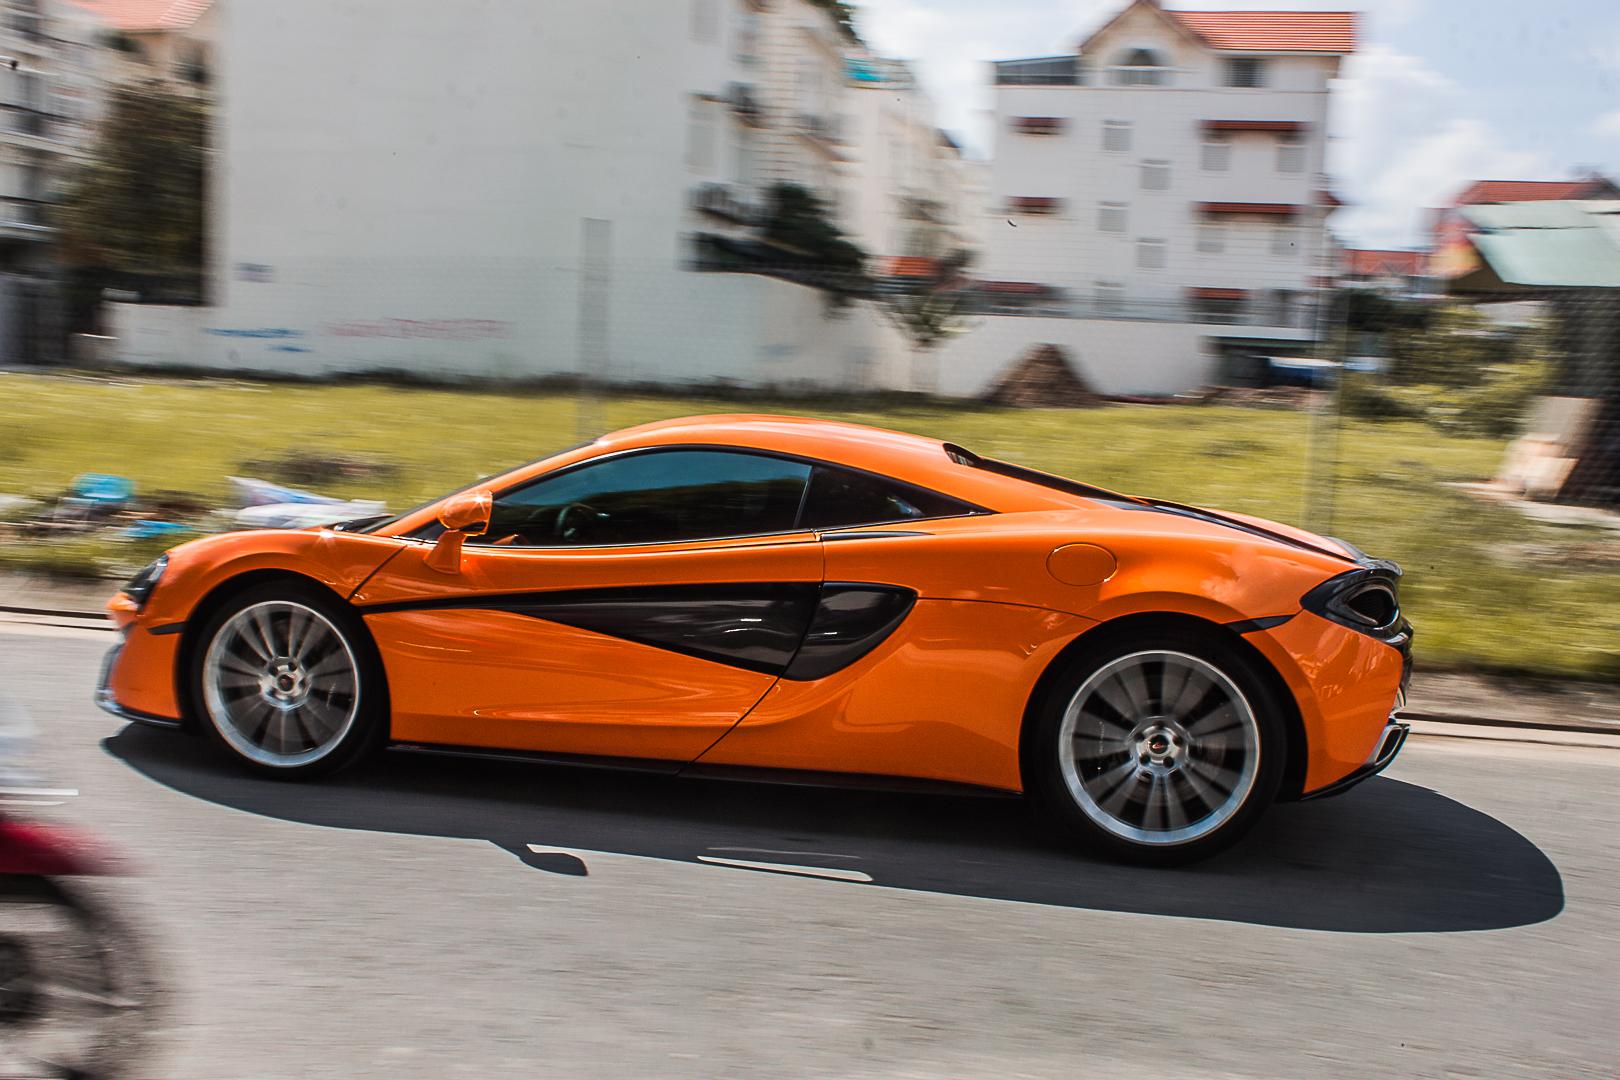 Ngắm siêu xe McLaren 570S màu cam thứ 2 tại Việt Nam